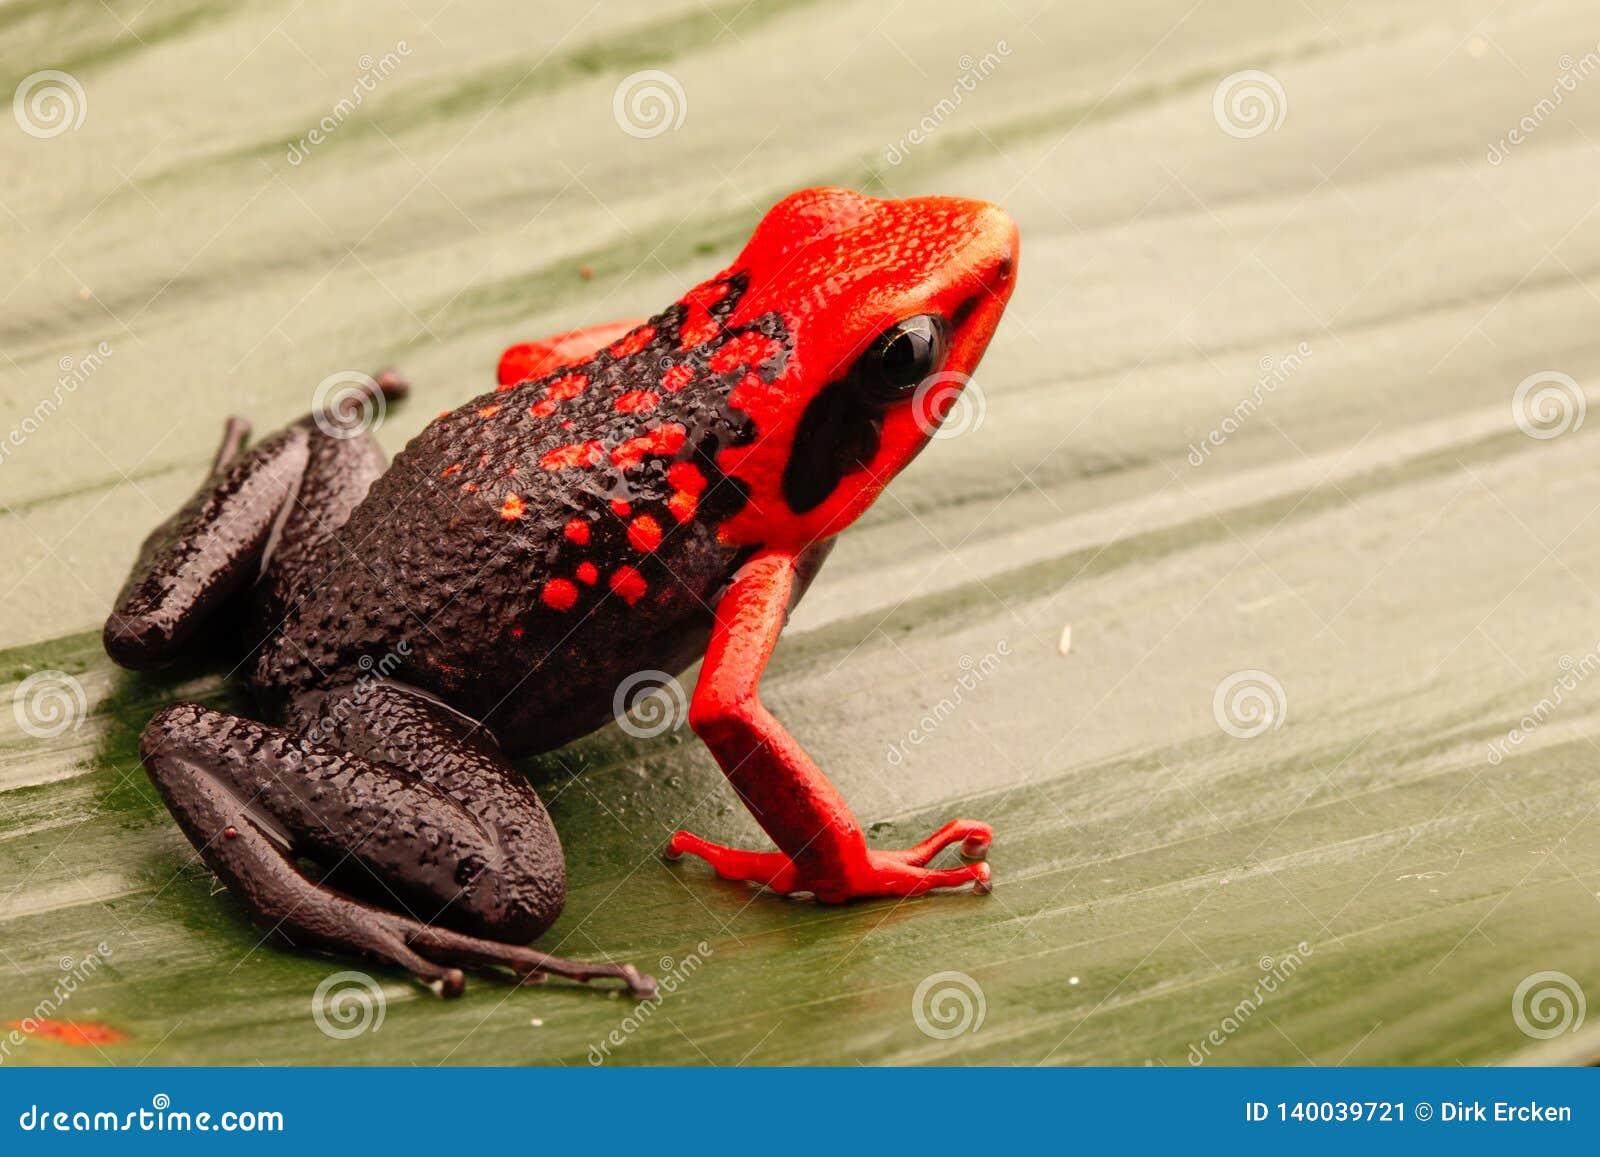 Red headed poison dart frog, Ameerega silverstonei